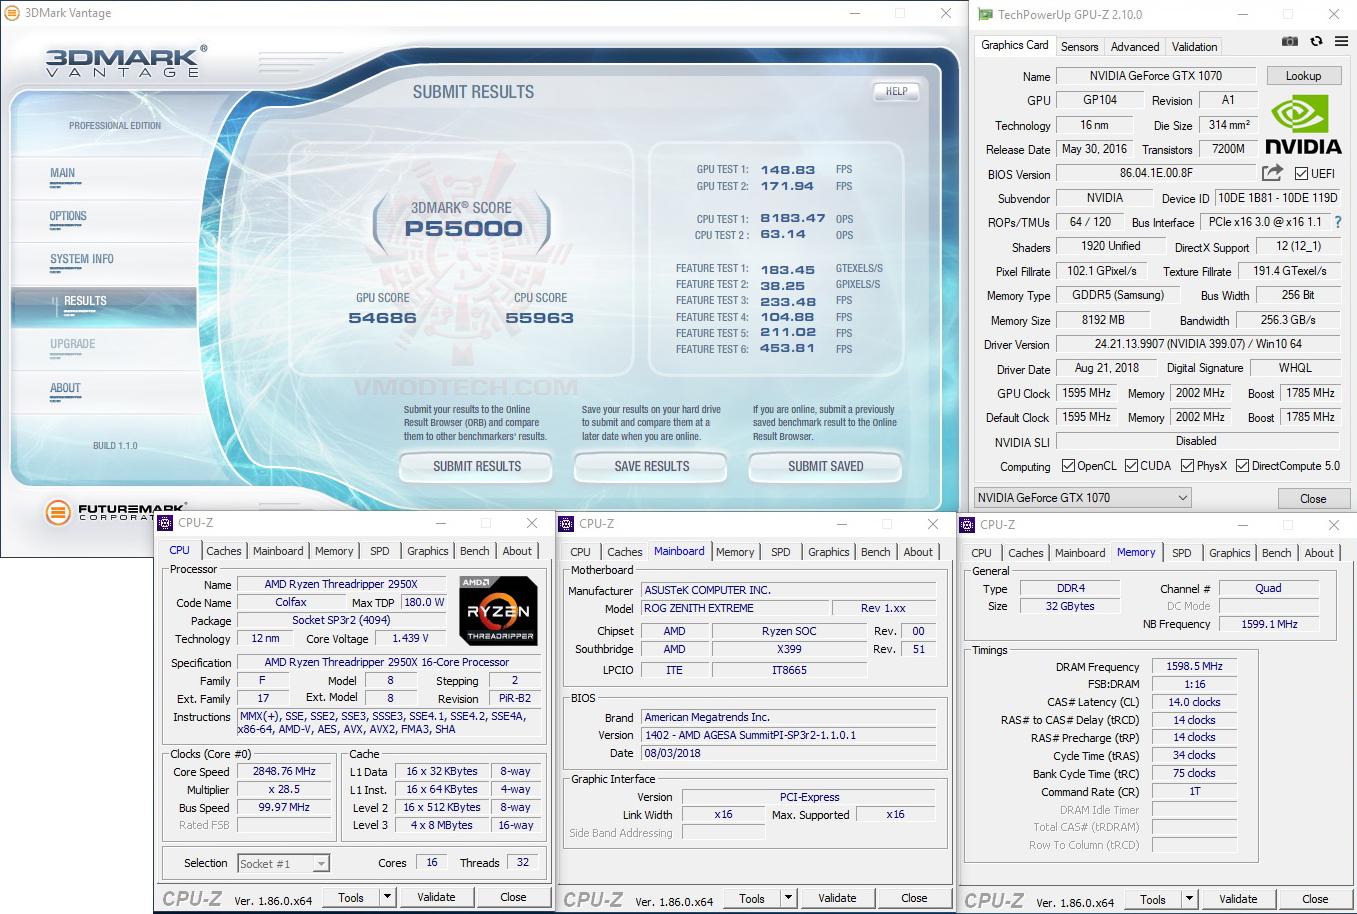 vt AMD RYZEN THREADRIPPER 2950X PROCESSOR REVIEW